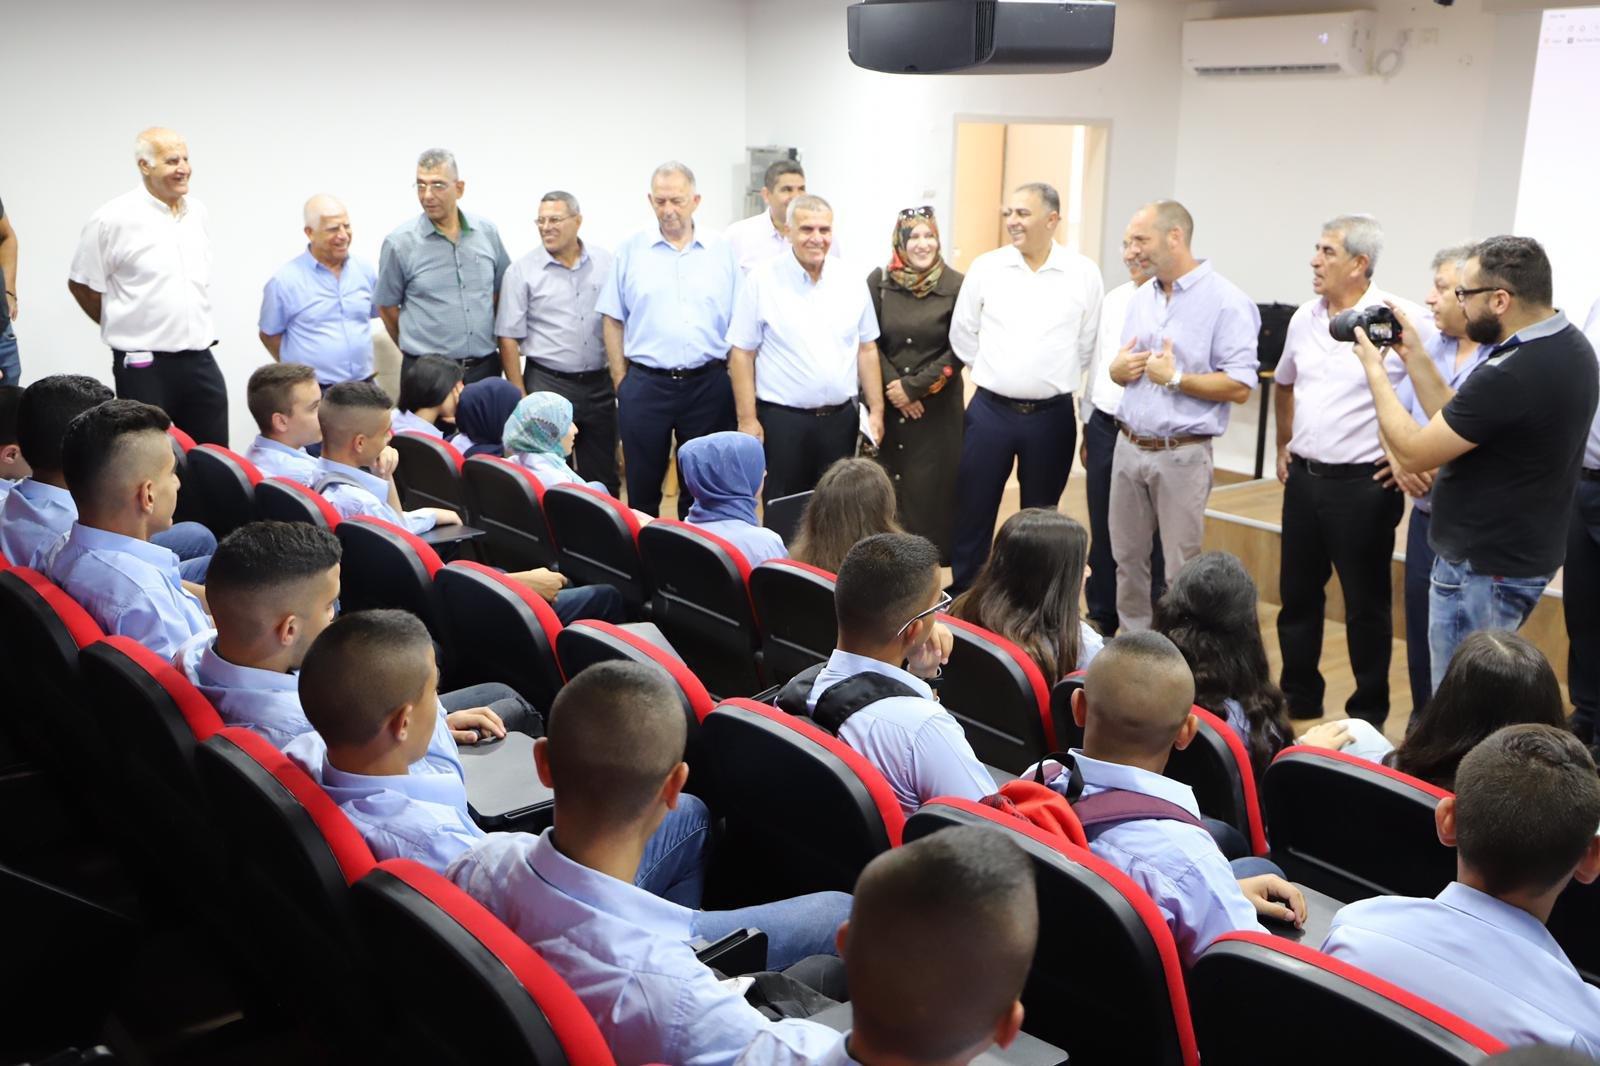 د. ساعر هرئيل يفتتح العام الدّراسي في المجتمع العربي في كفر قرع